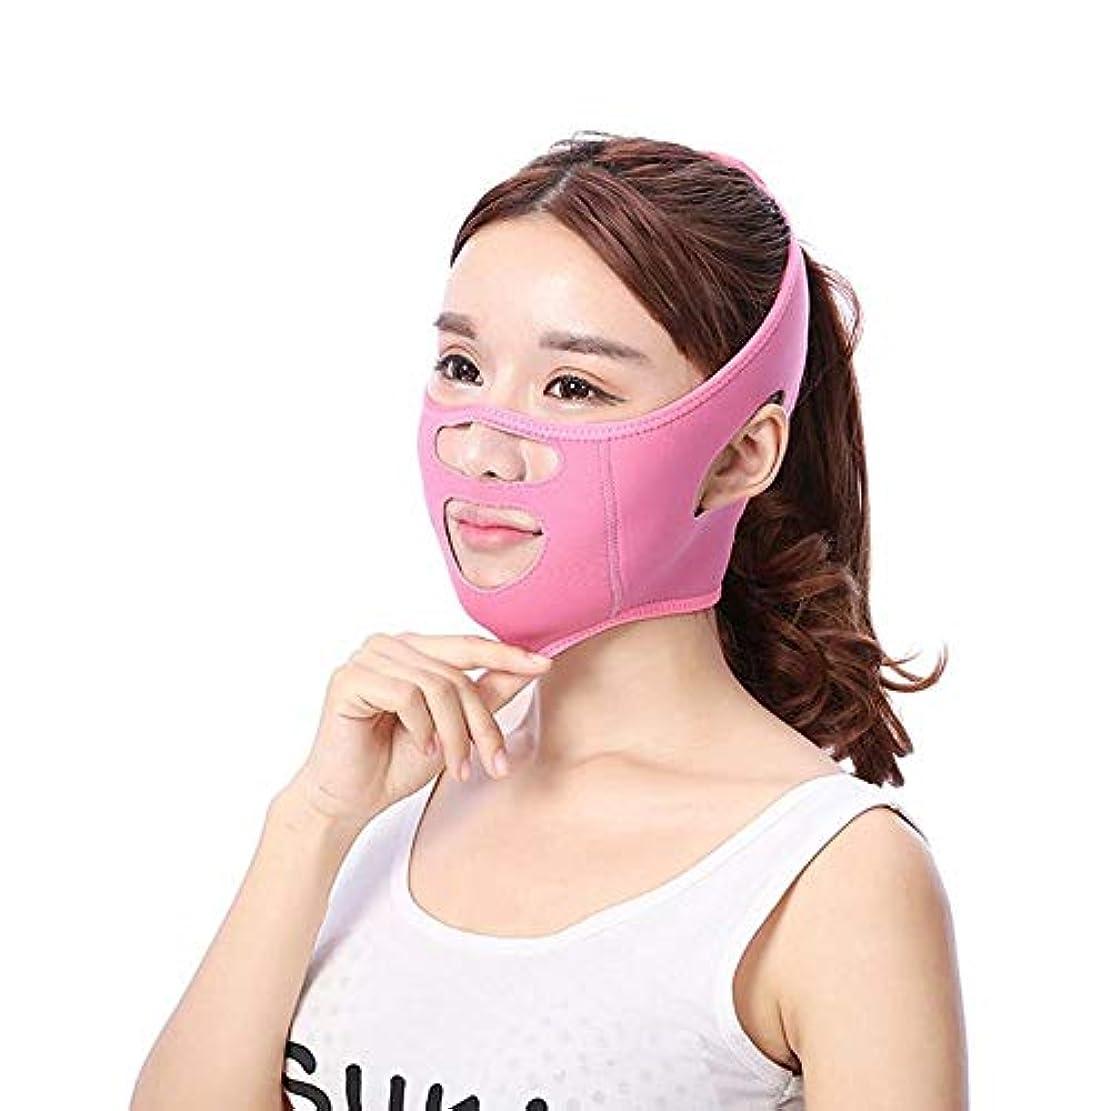 食物保持する掻くMinmin シンフェイスアーティファクトリフティング引き締めフェイス睡眠包帯フェイシャルリフティングアンチ垂れ下がり法律パターンステッカー8ワード口角 - ピンク みんみんVラインフェイスマスク